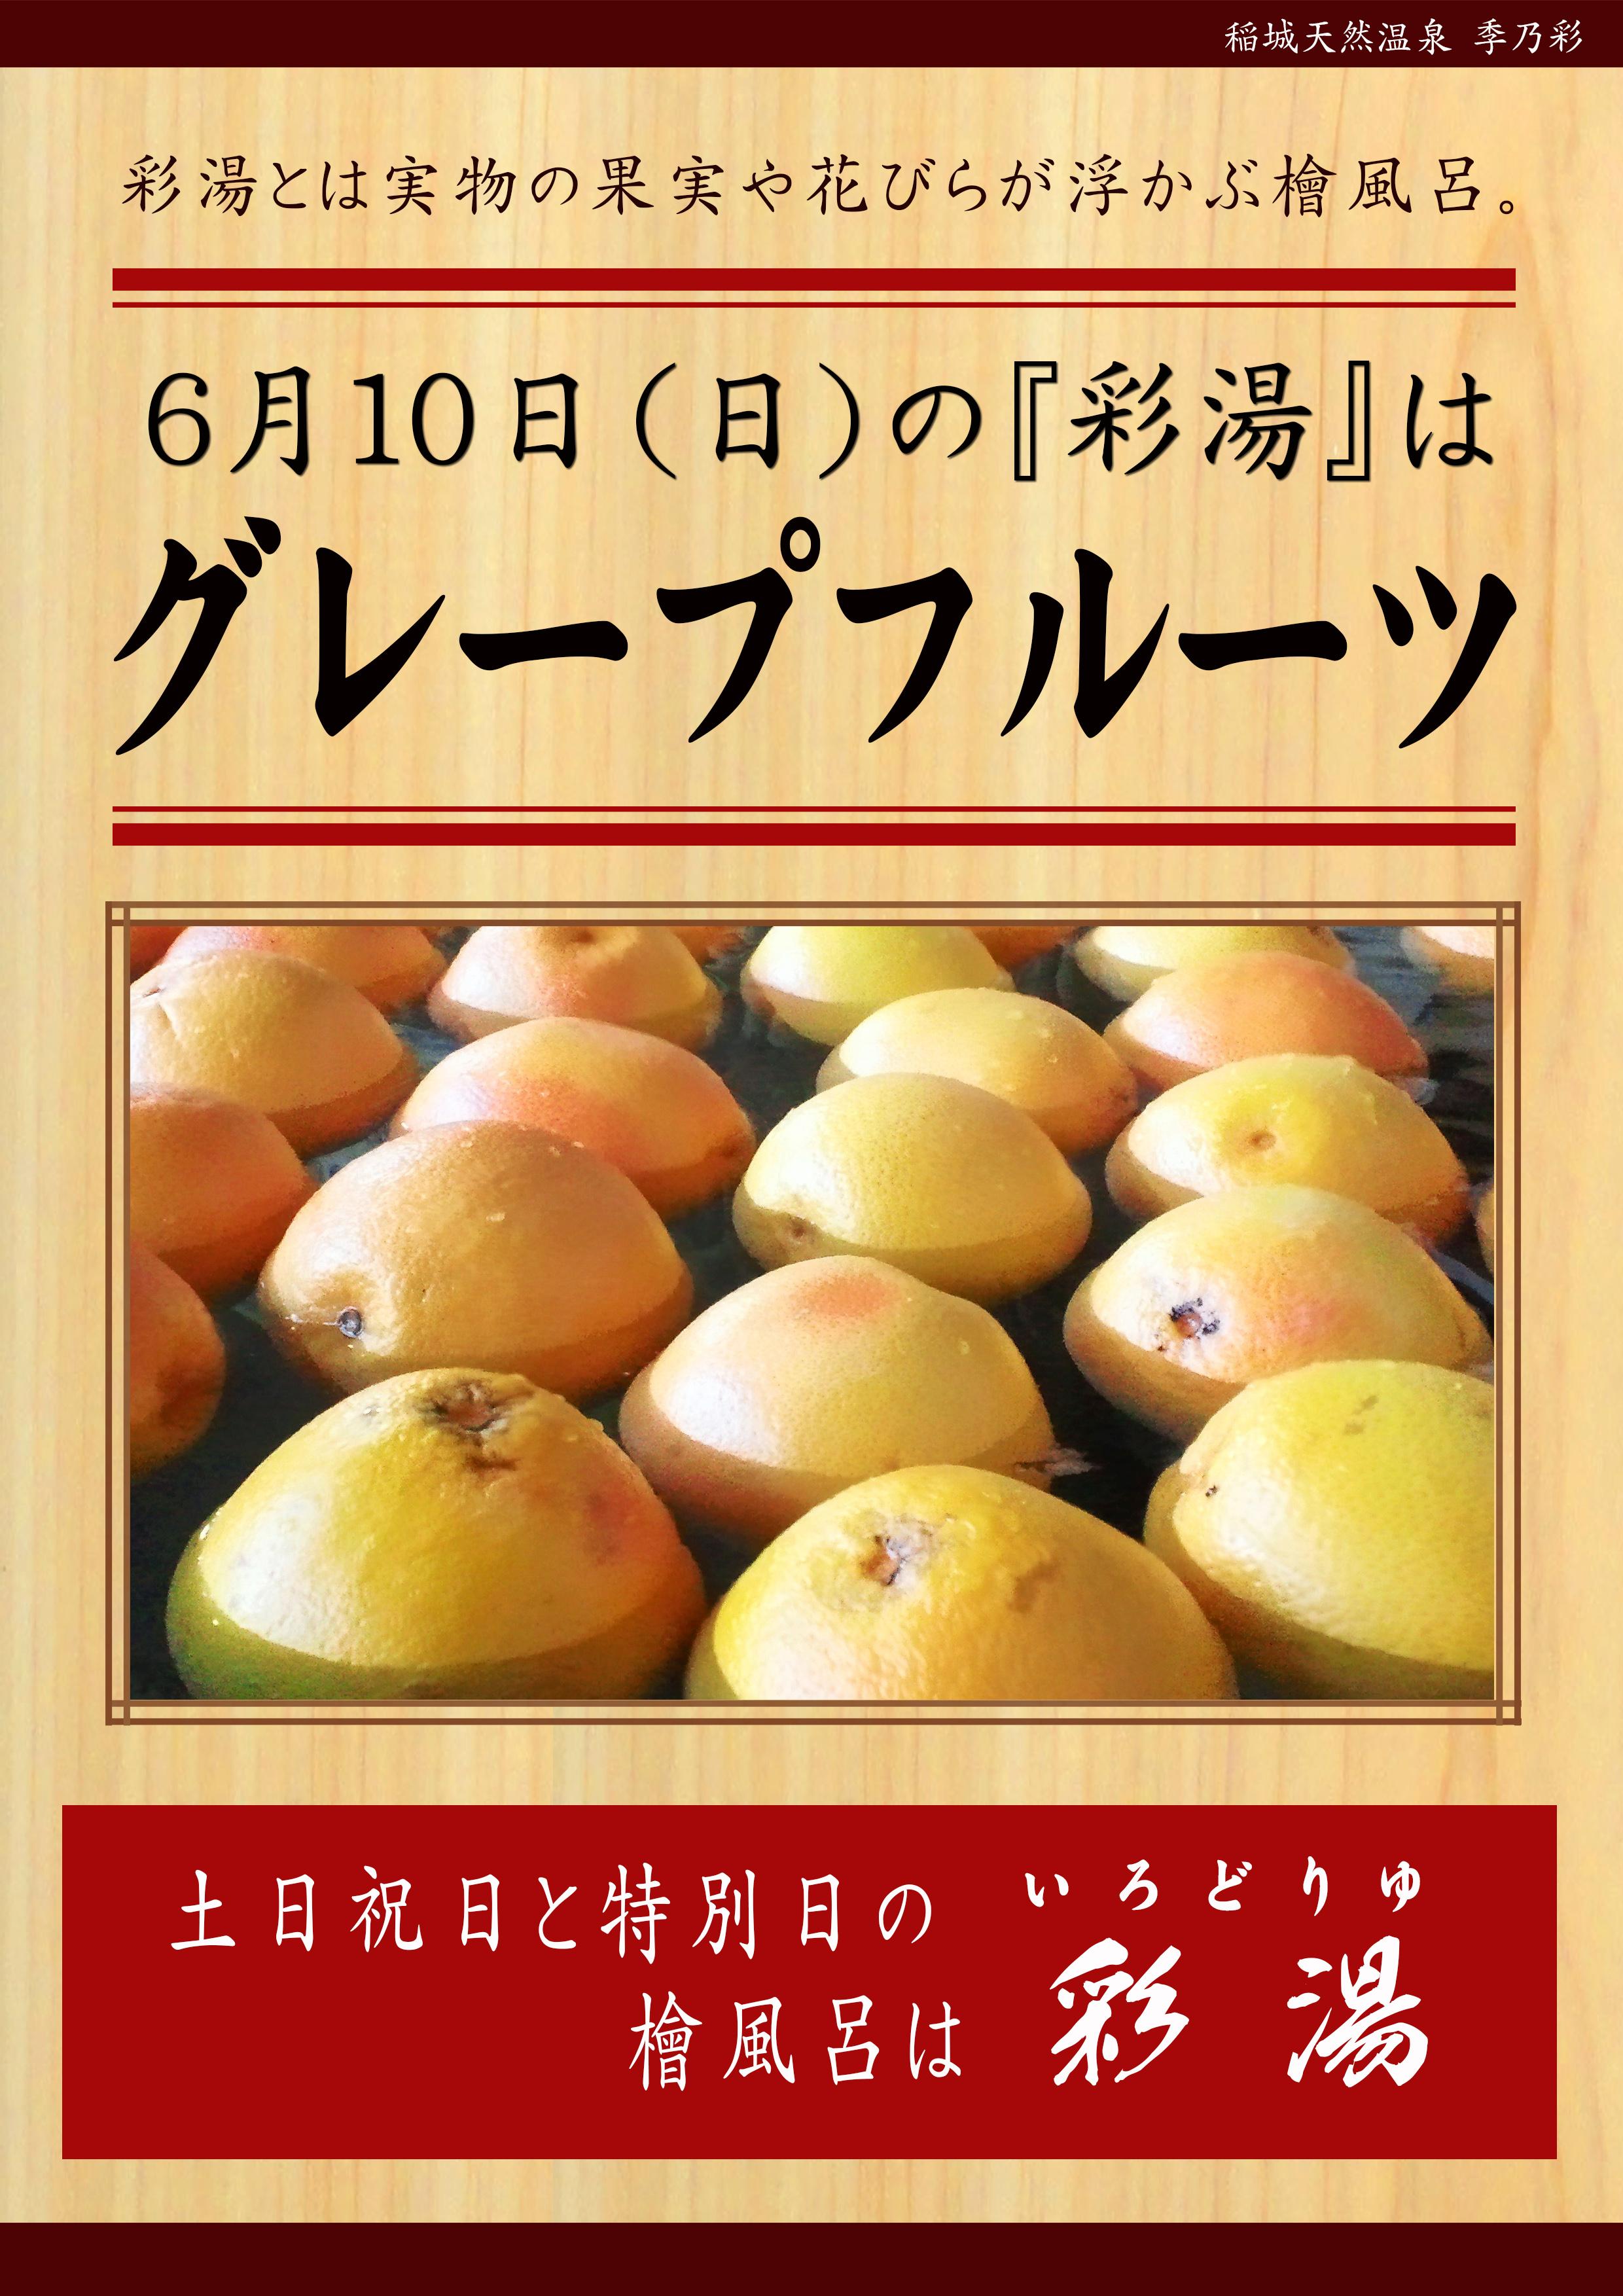 20180610POP イベント 彩湯 グレープフルーツ